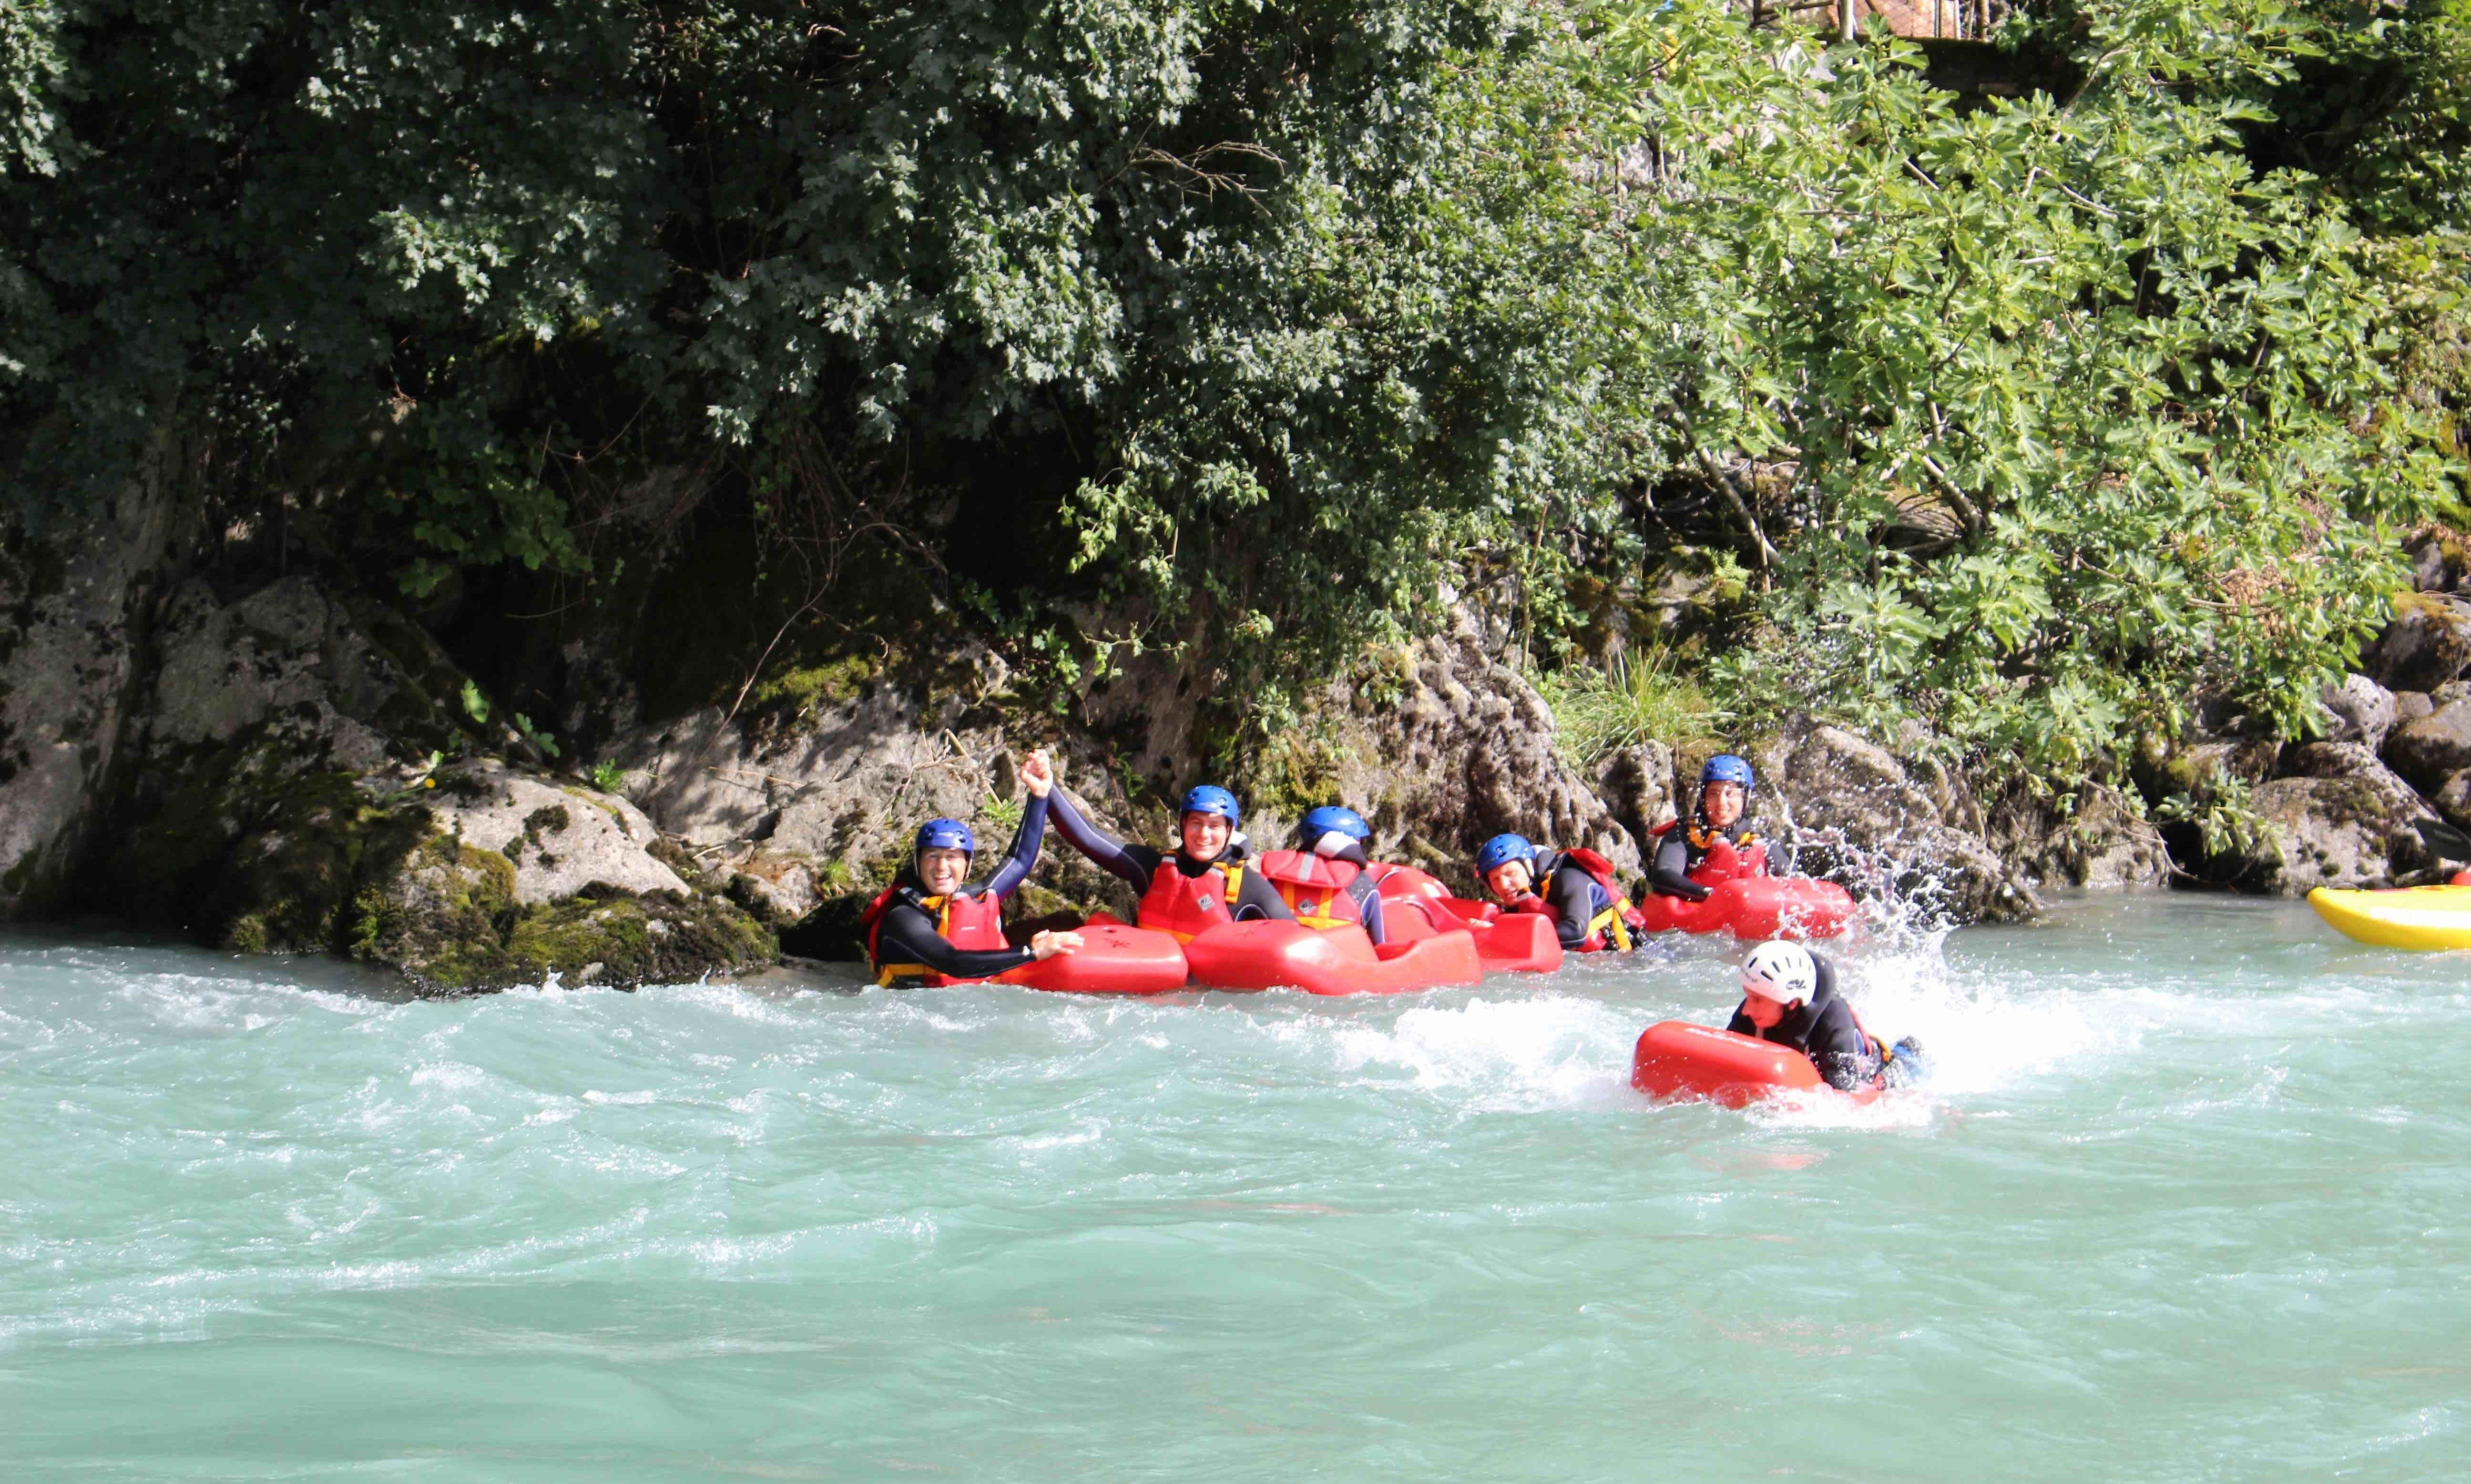 Book a Hydrospeed Fun in Lombardia, Italy